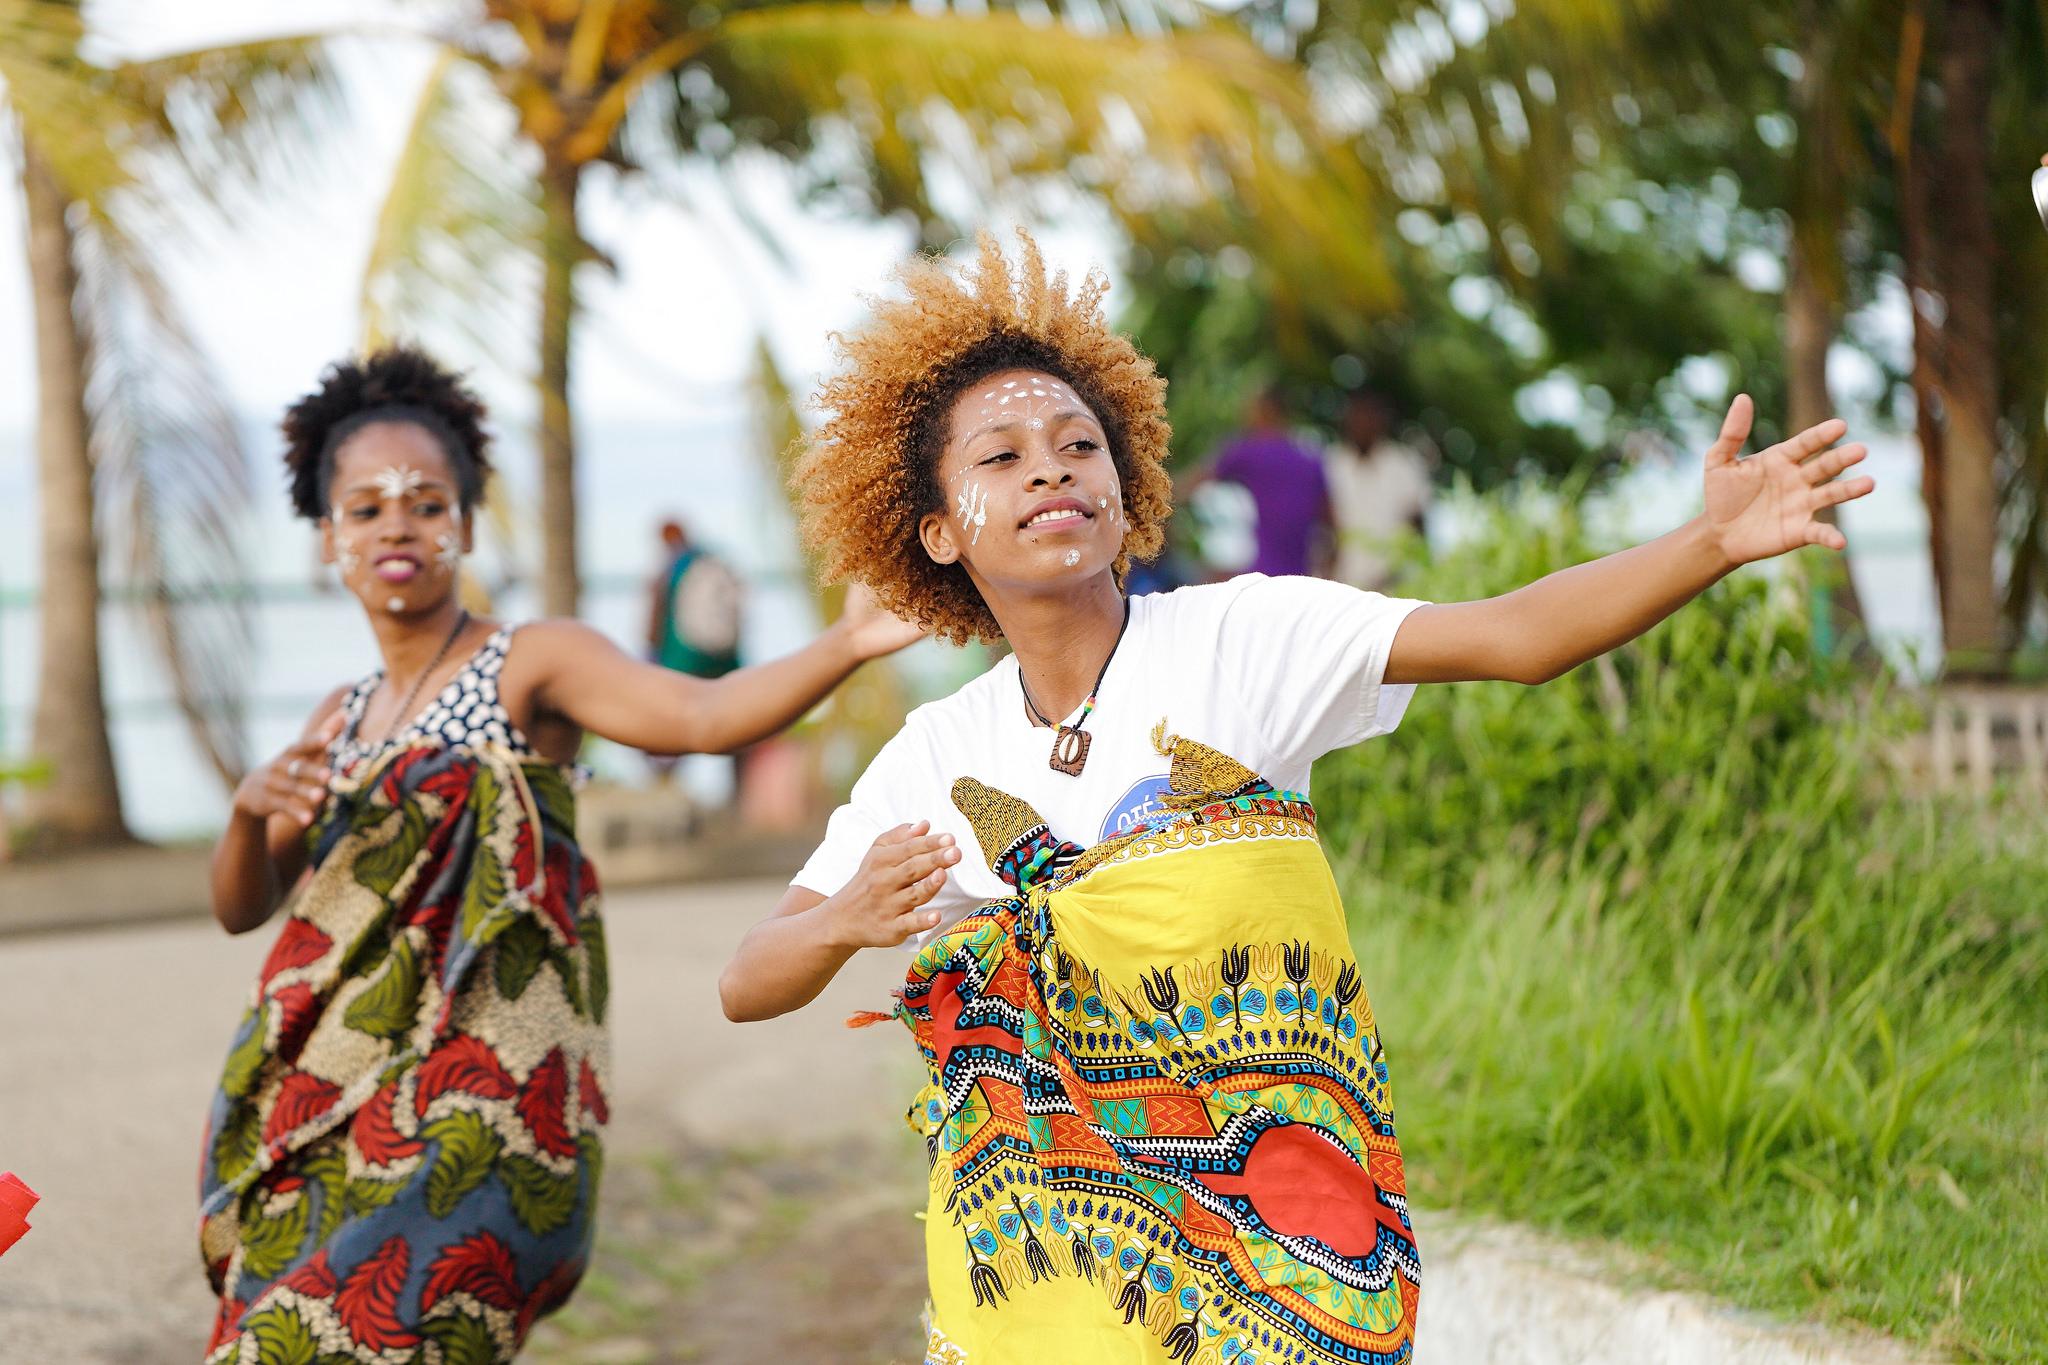 Femmes qui dansent office national du tourisme de madagascar - Office national du tourisme madagascar ...